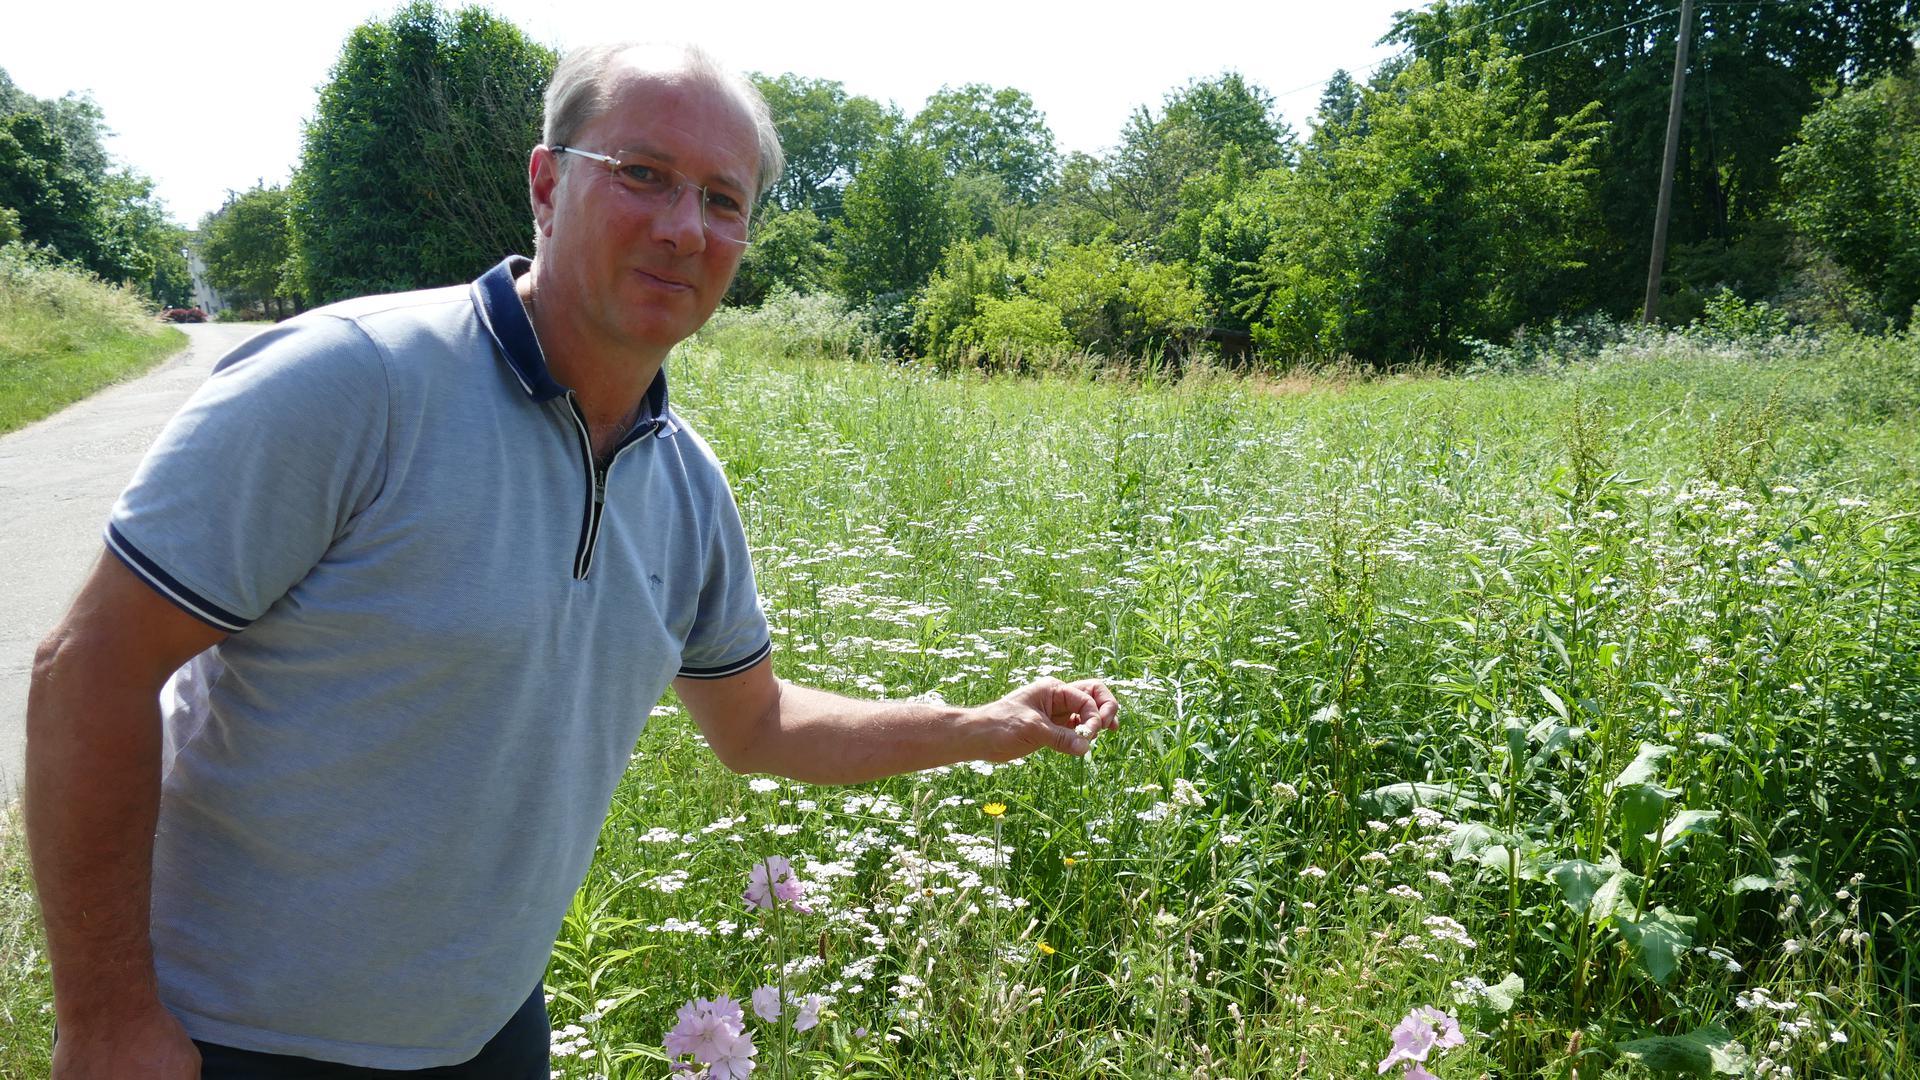 Im Obst- und Gartenbauverein und Heimat- und Kulturverein Haueneberstein fand Martin Wieland Mitstreiter für die Idee Wildblumenwiesen anzulegen.